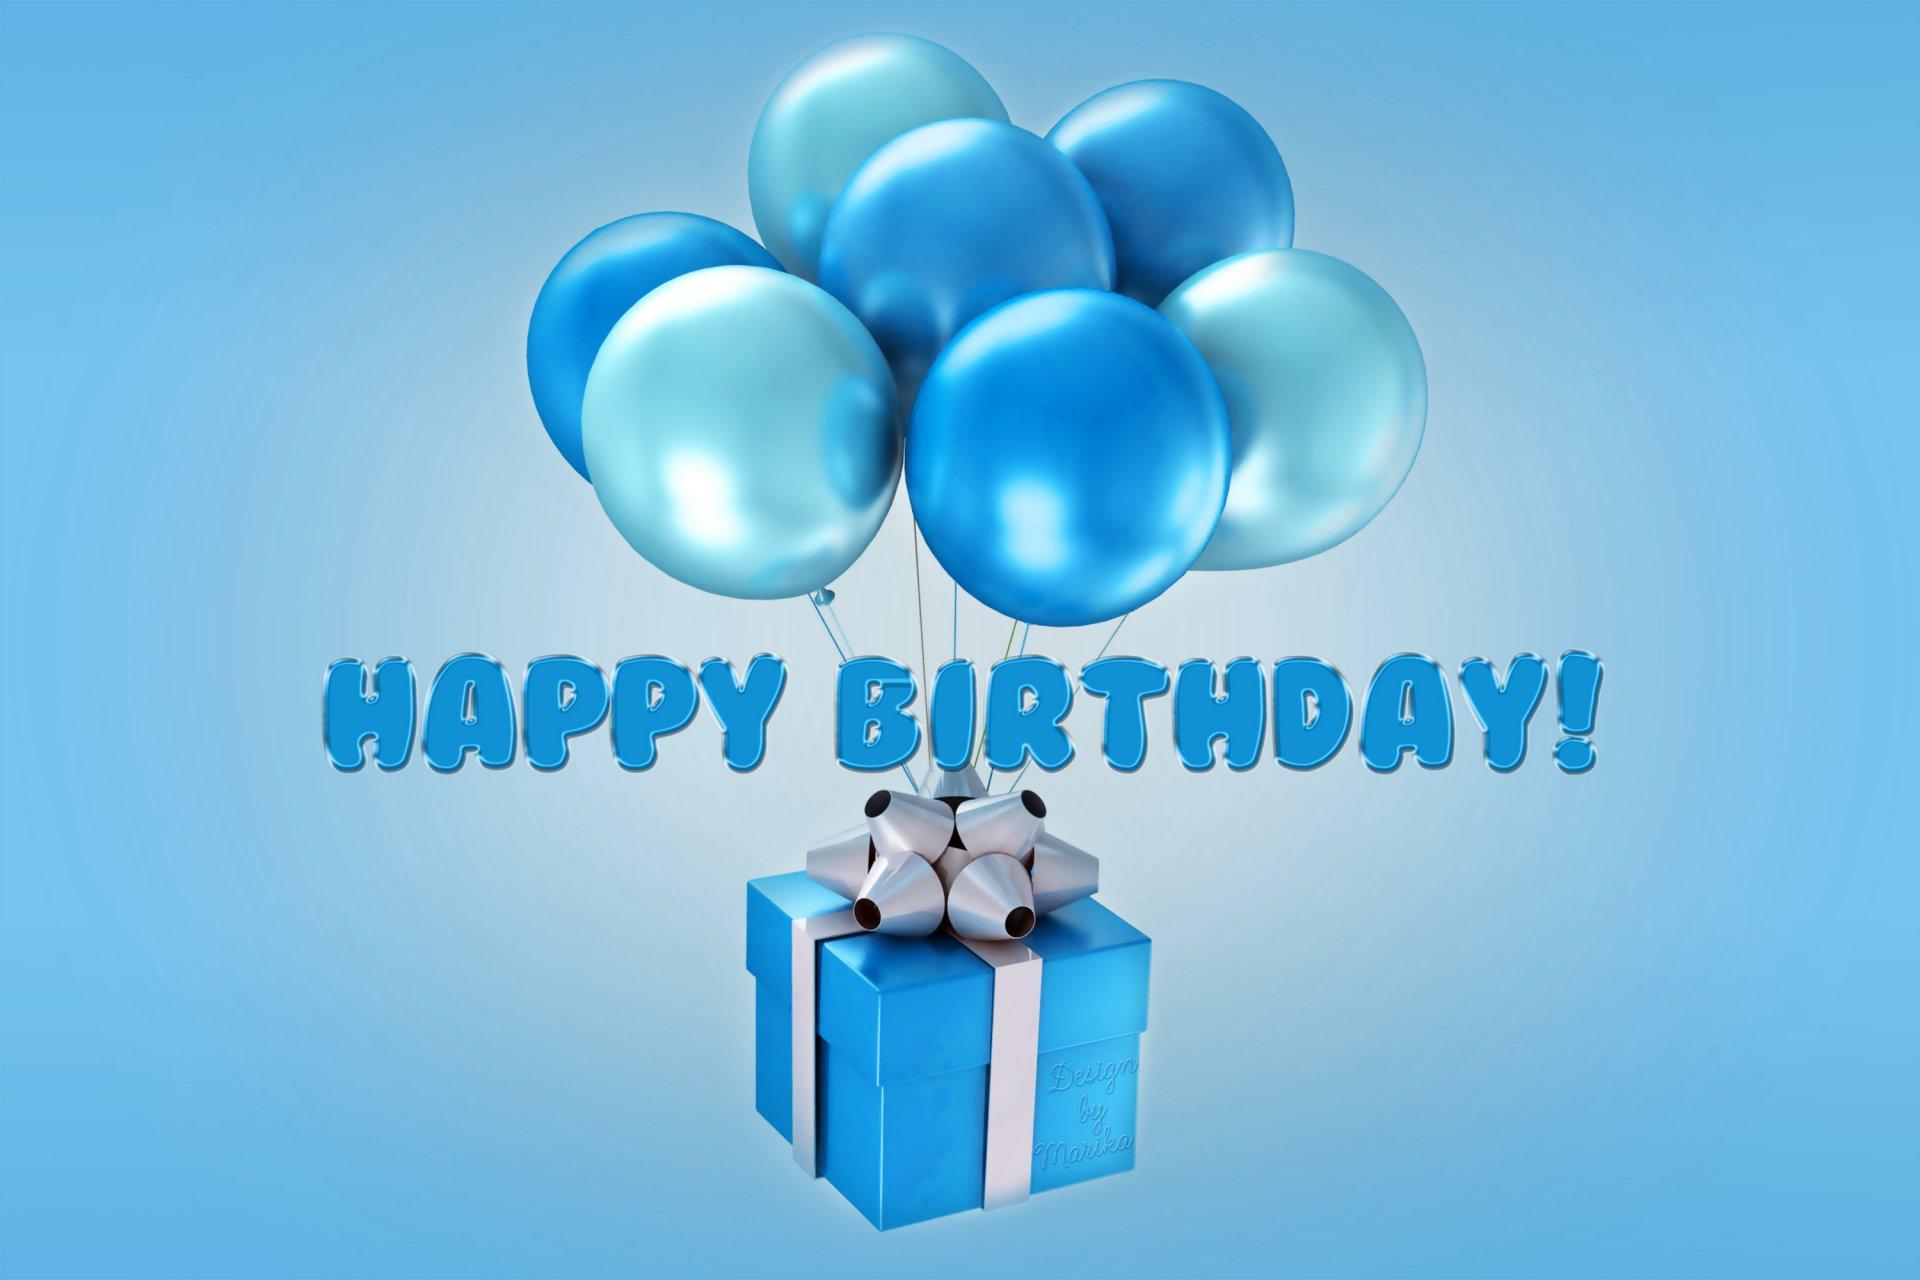 всех, синие шары с днем рождения картинки эта война